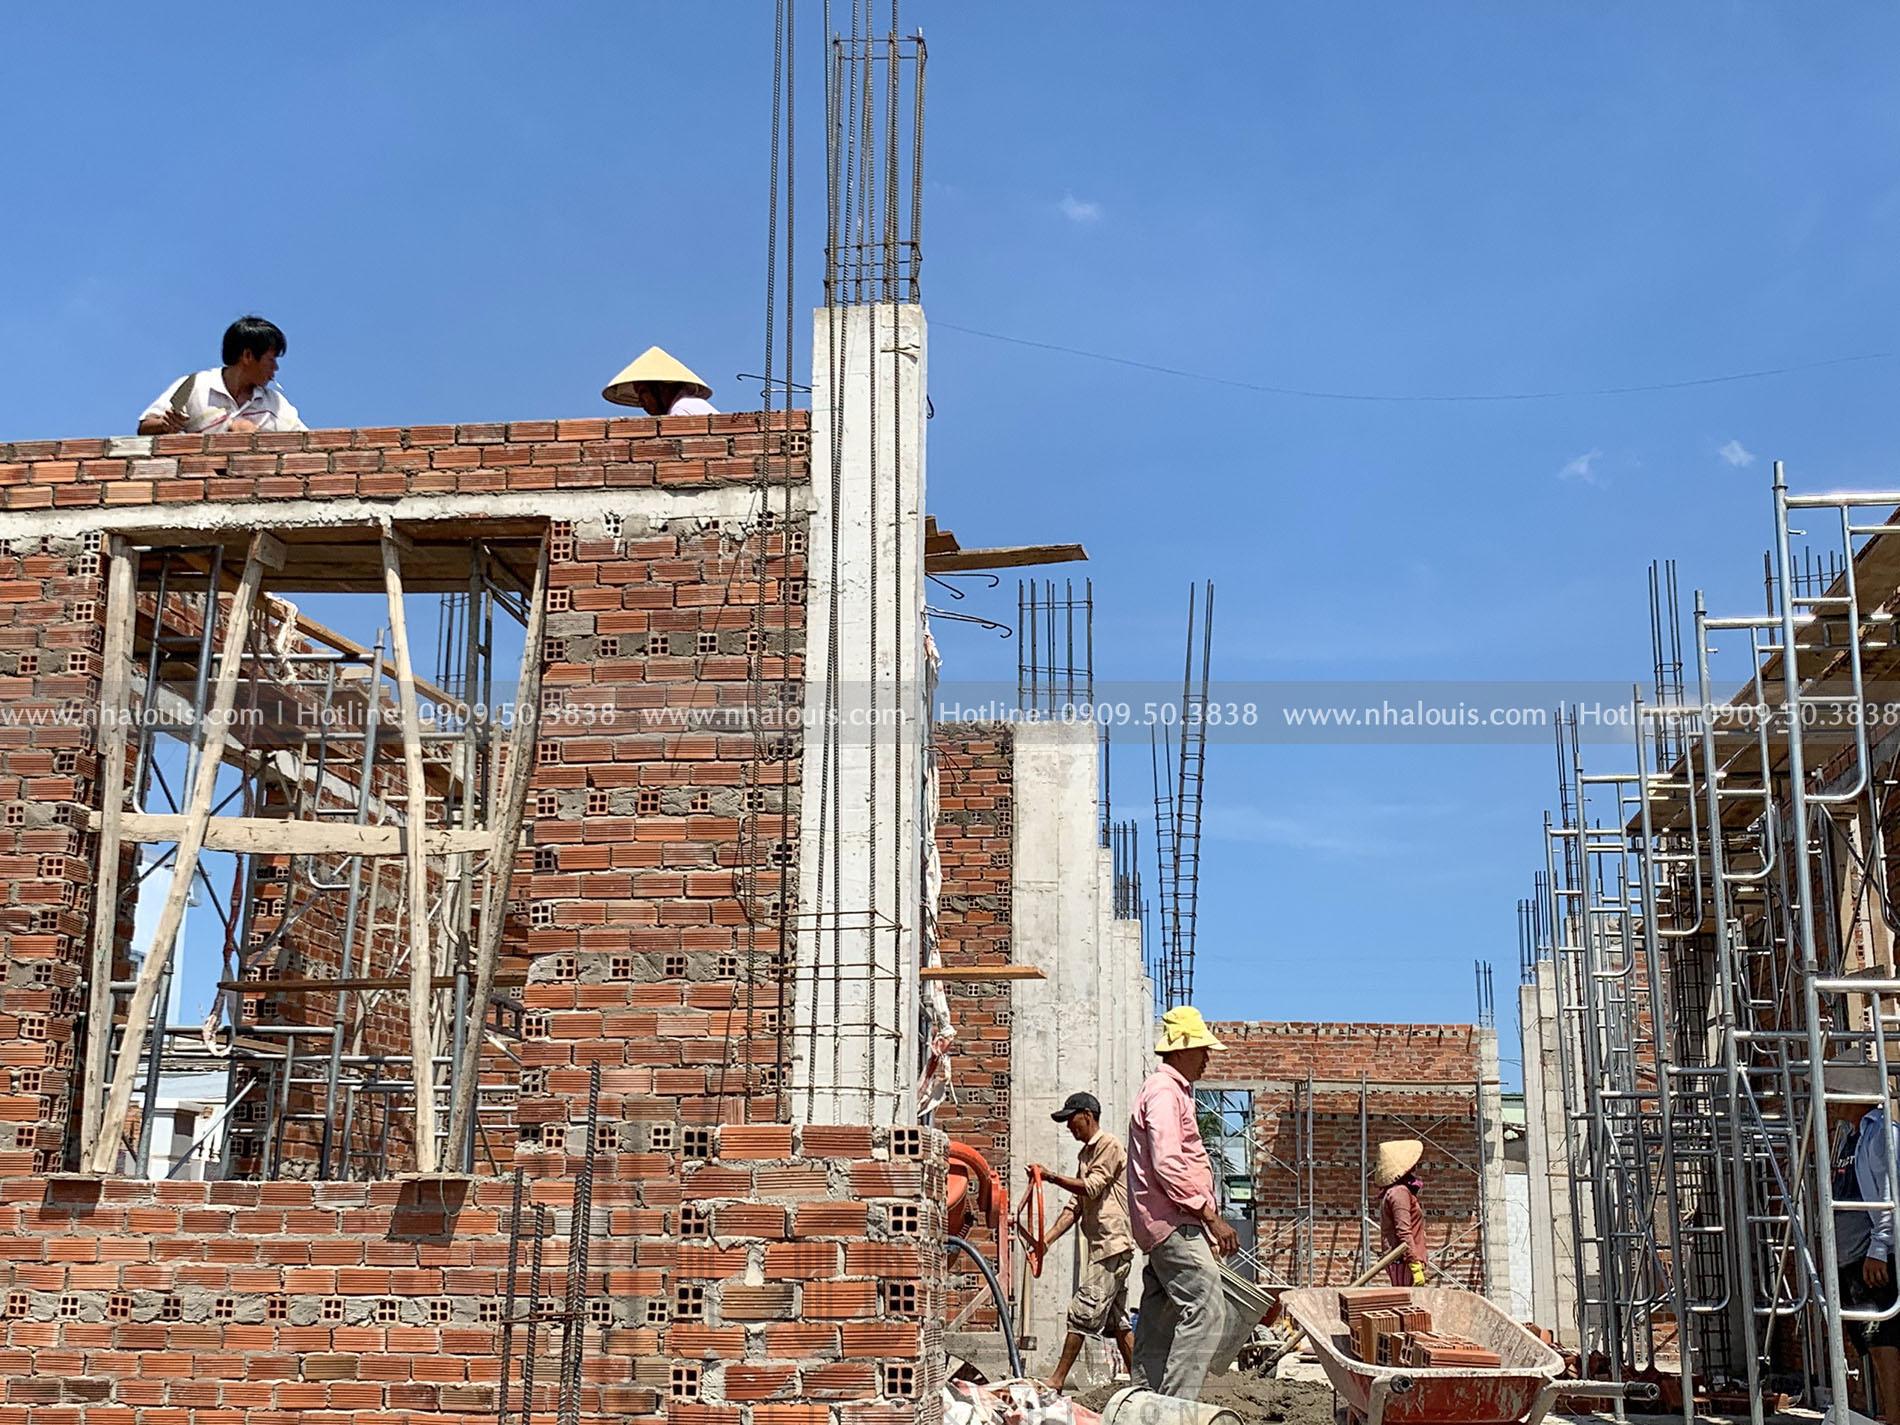 thi công tường vây tầng trệt biệt thự 2 tầng mái Thái Bến Tre